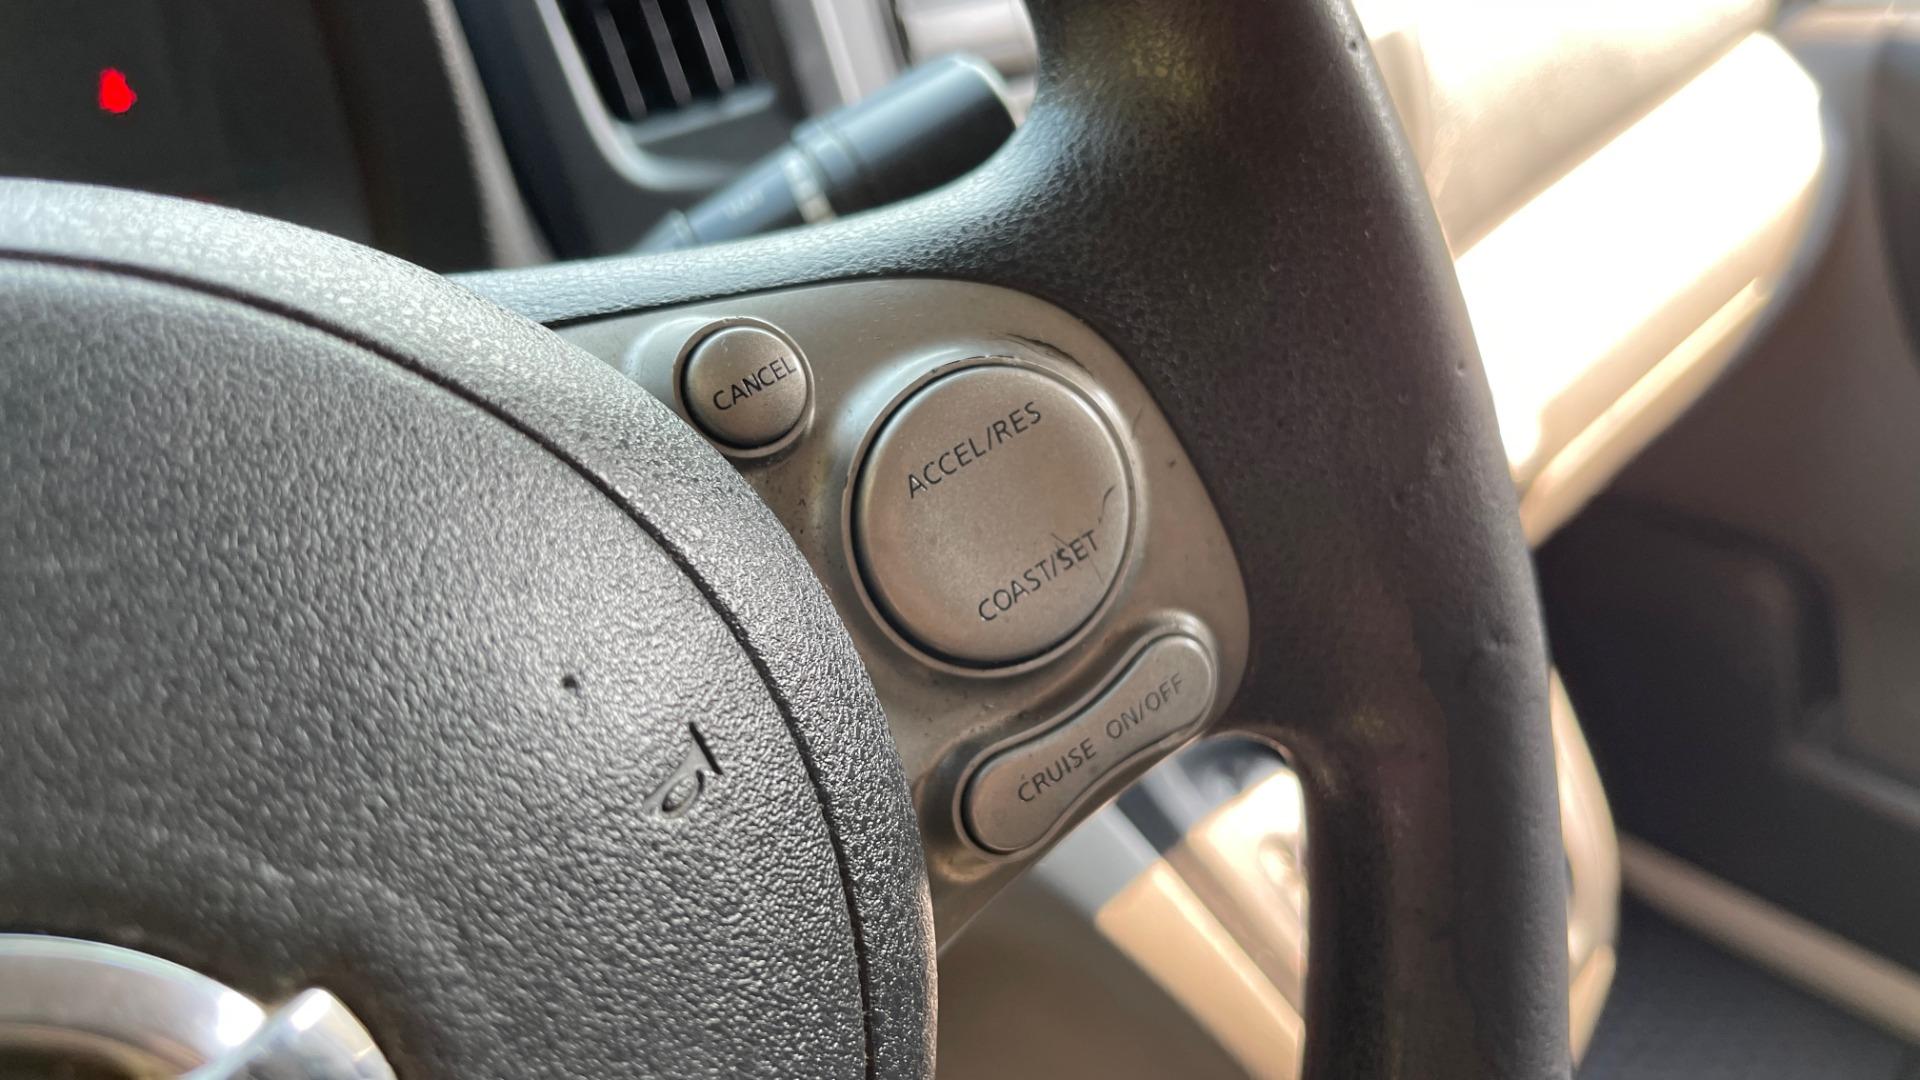 Used 2016 Nissan NV200 SV / WORK VAN / EXT APPEARNACE PKG / SPLASH GUARDS for sale $15,400 at Formula Imports in Charlotte NC 28227 28